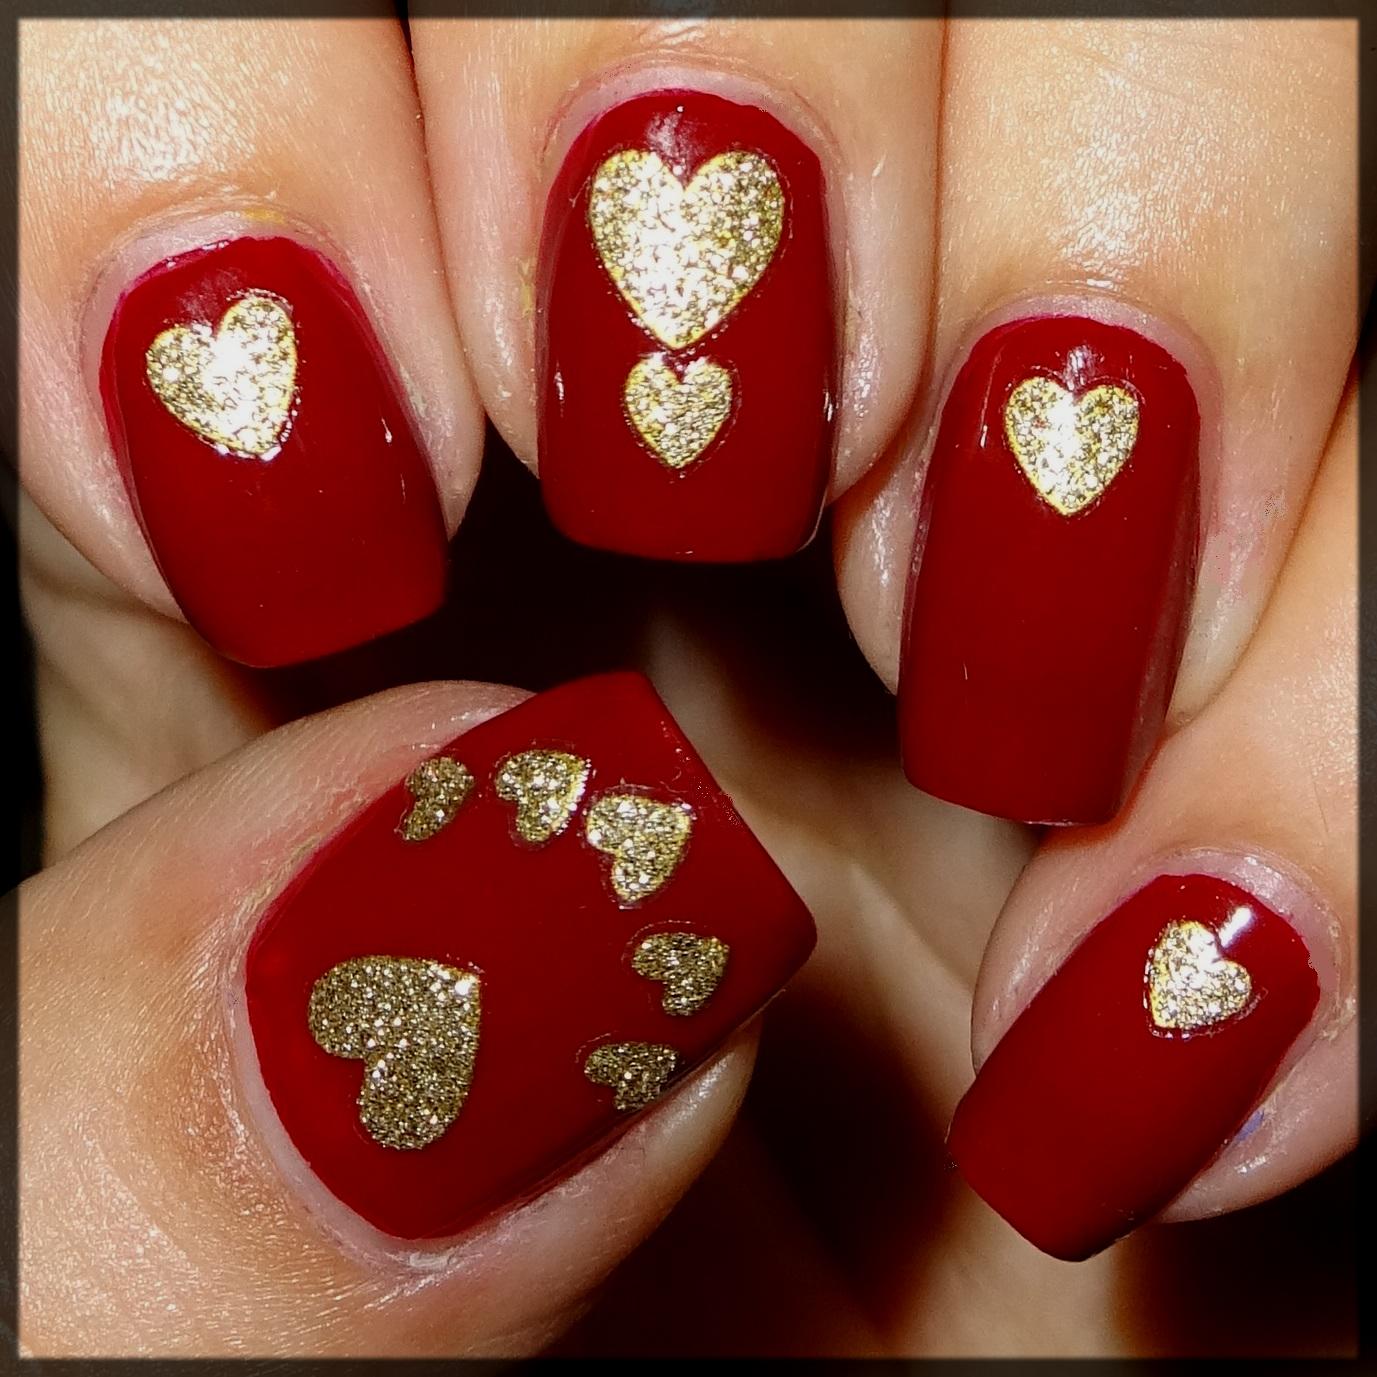 Glitter Heart Art for Valentines Day